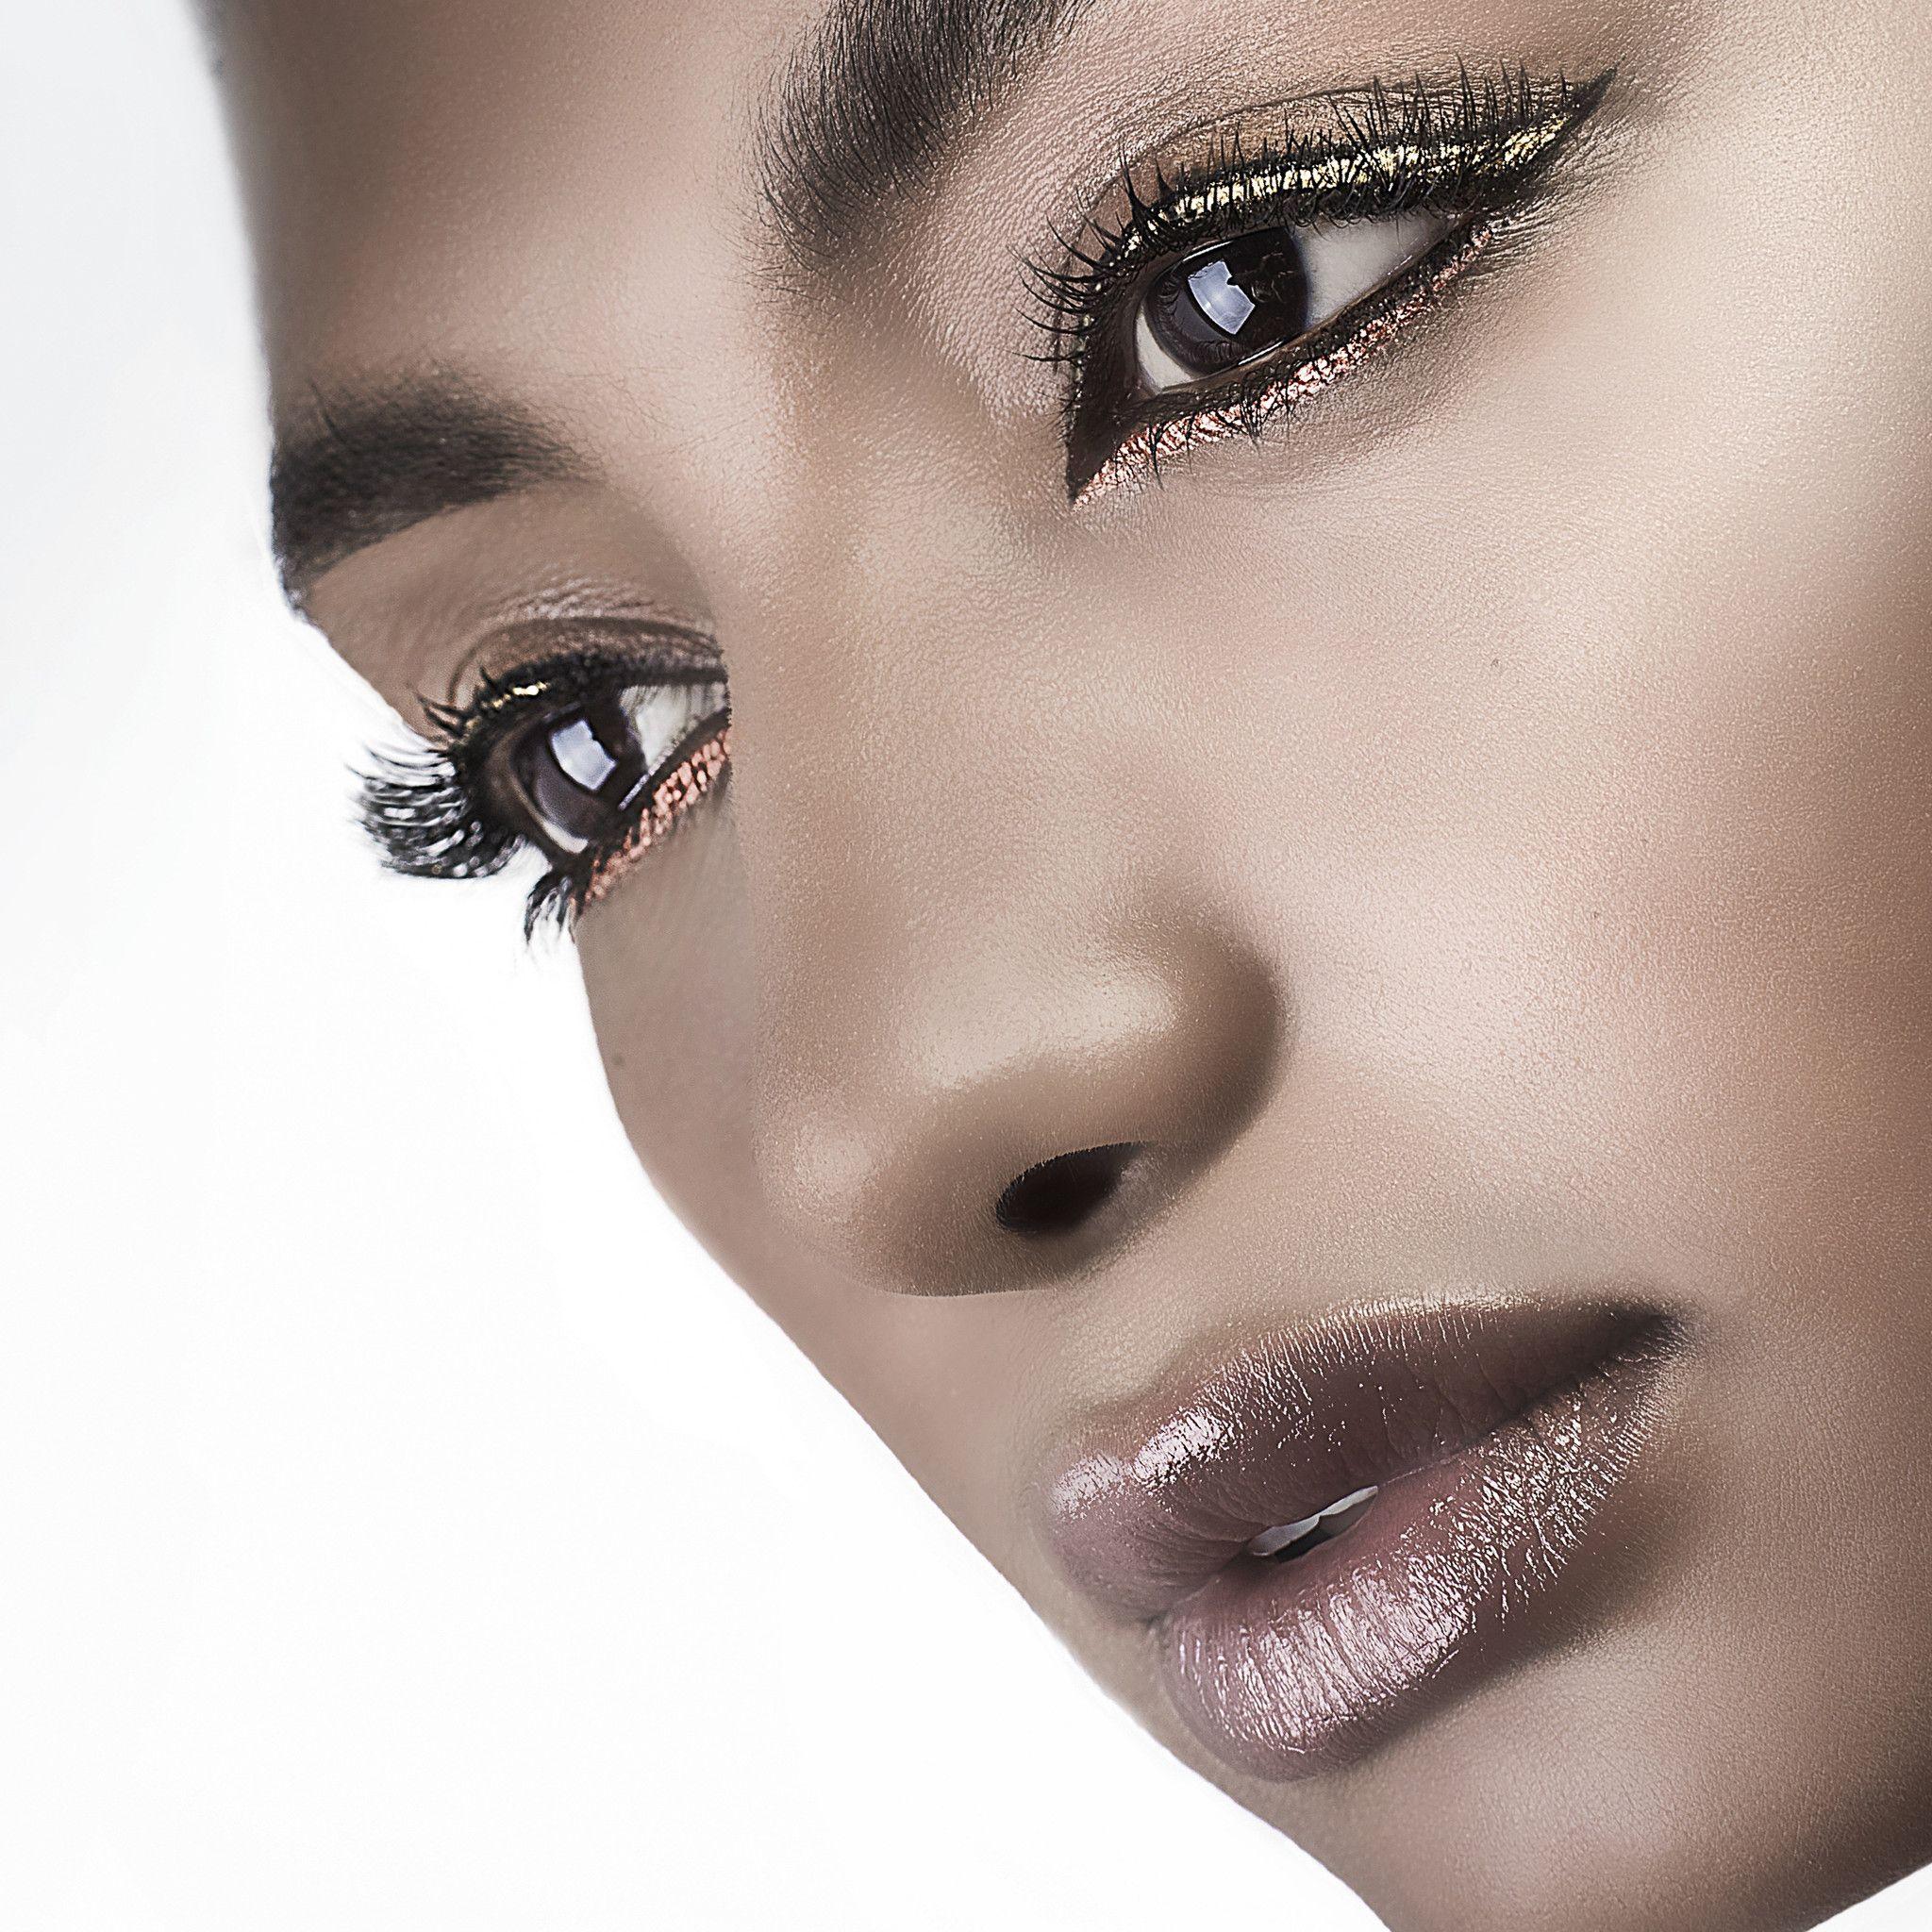 Copper Sphinx Metallic Liquid Eyeliner Metallic eyeliner